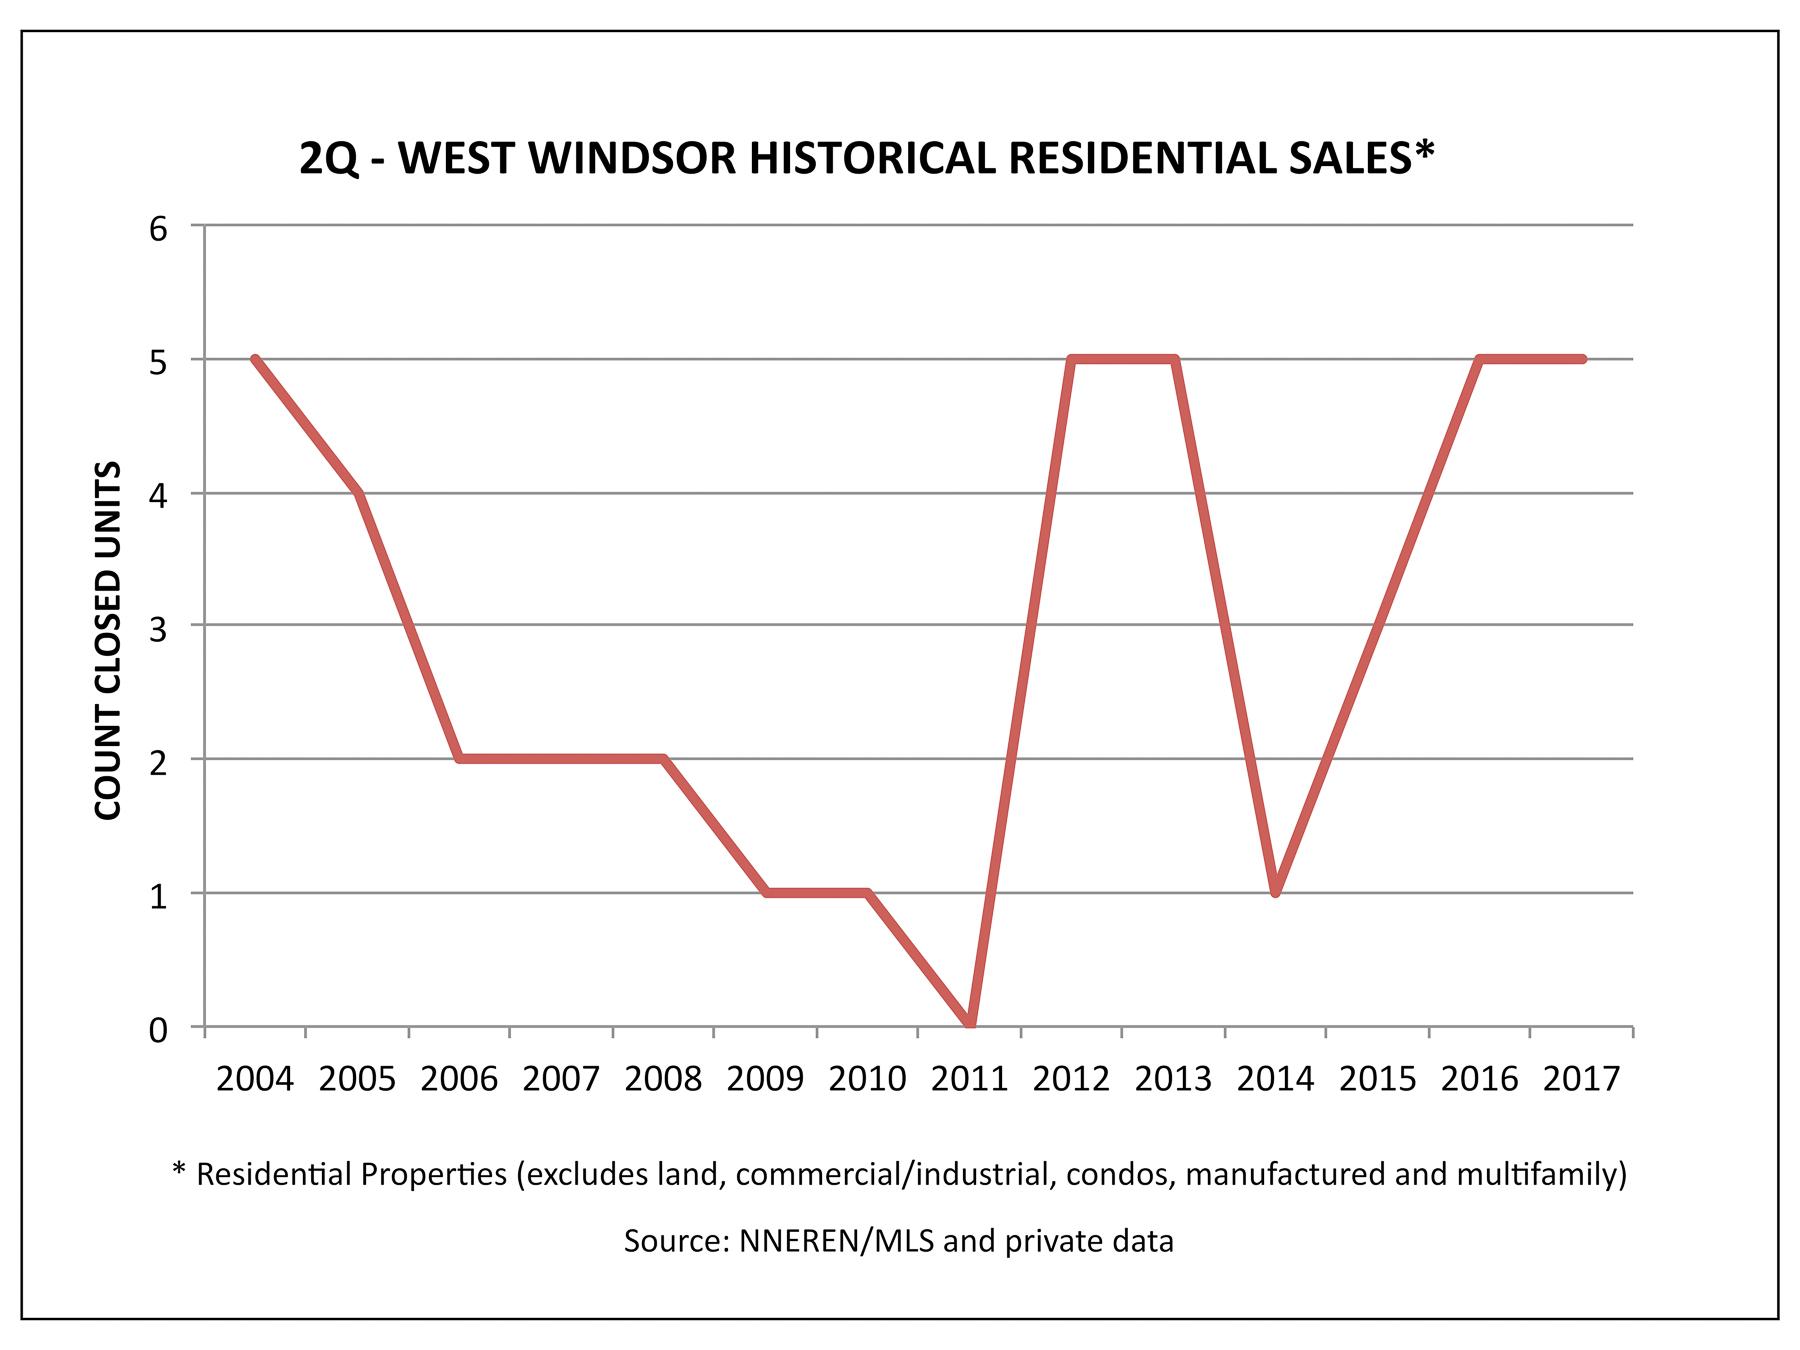 West Windsor VT Real Estate - Historical 2Q Home Sales